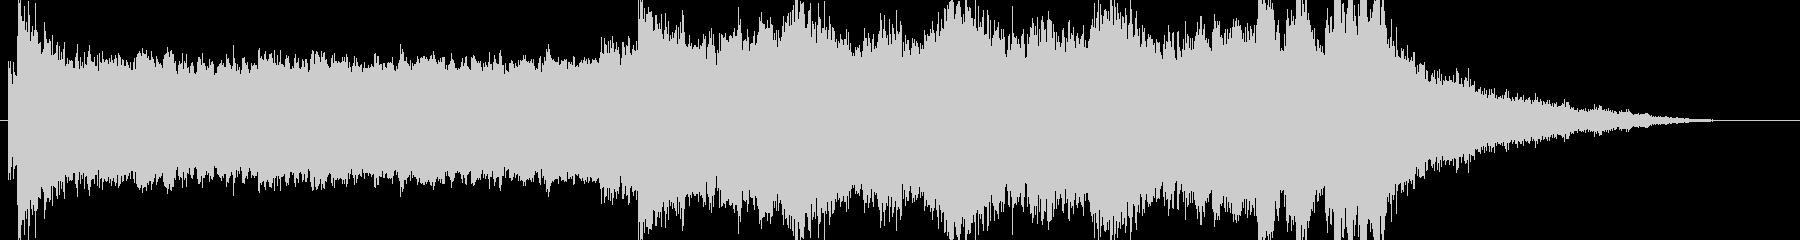 ラスボス用のゴシック調でダークなBGMの未再生の波形